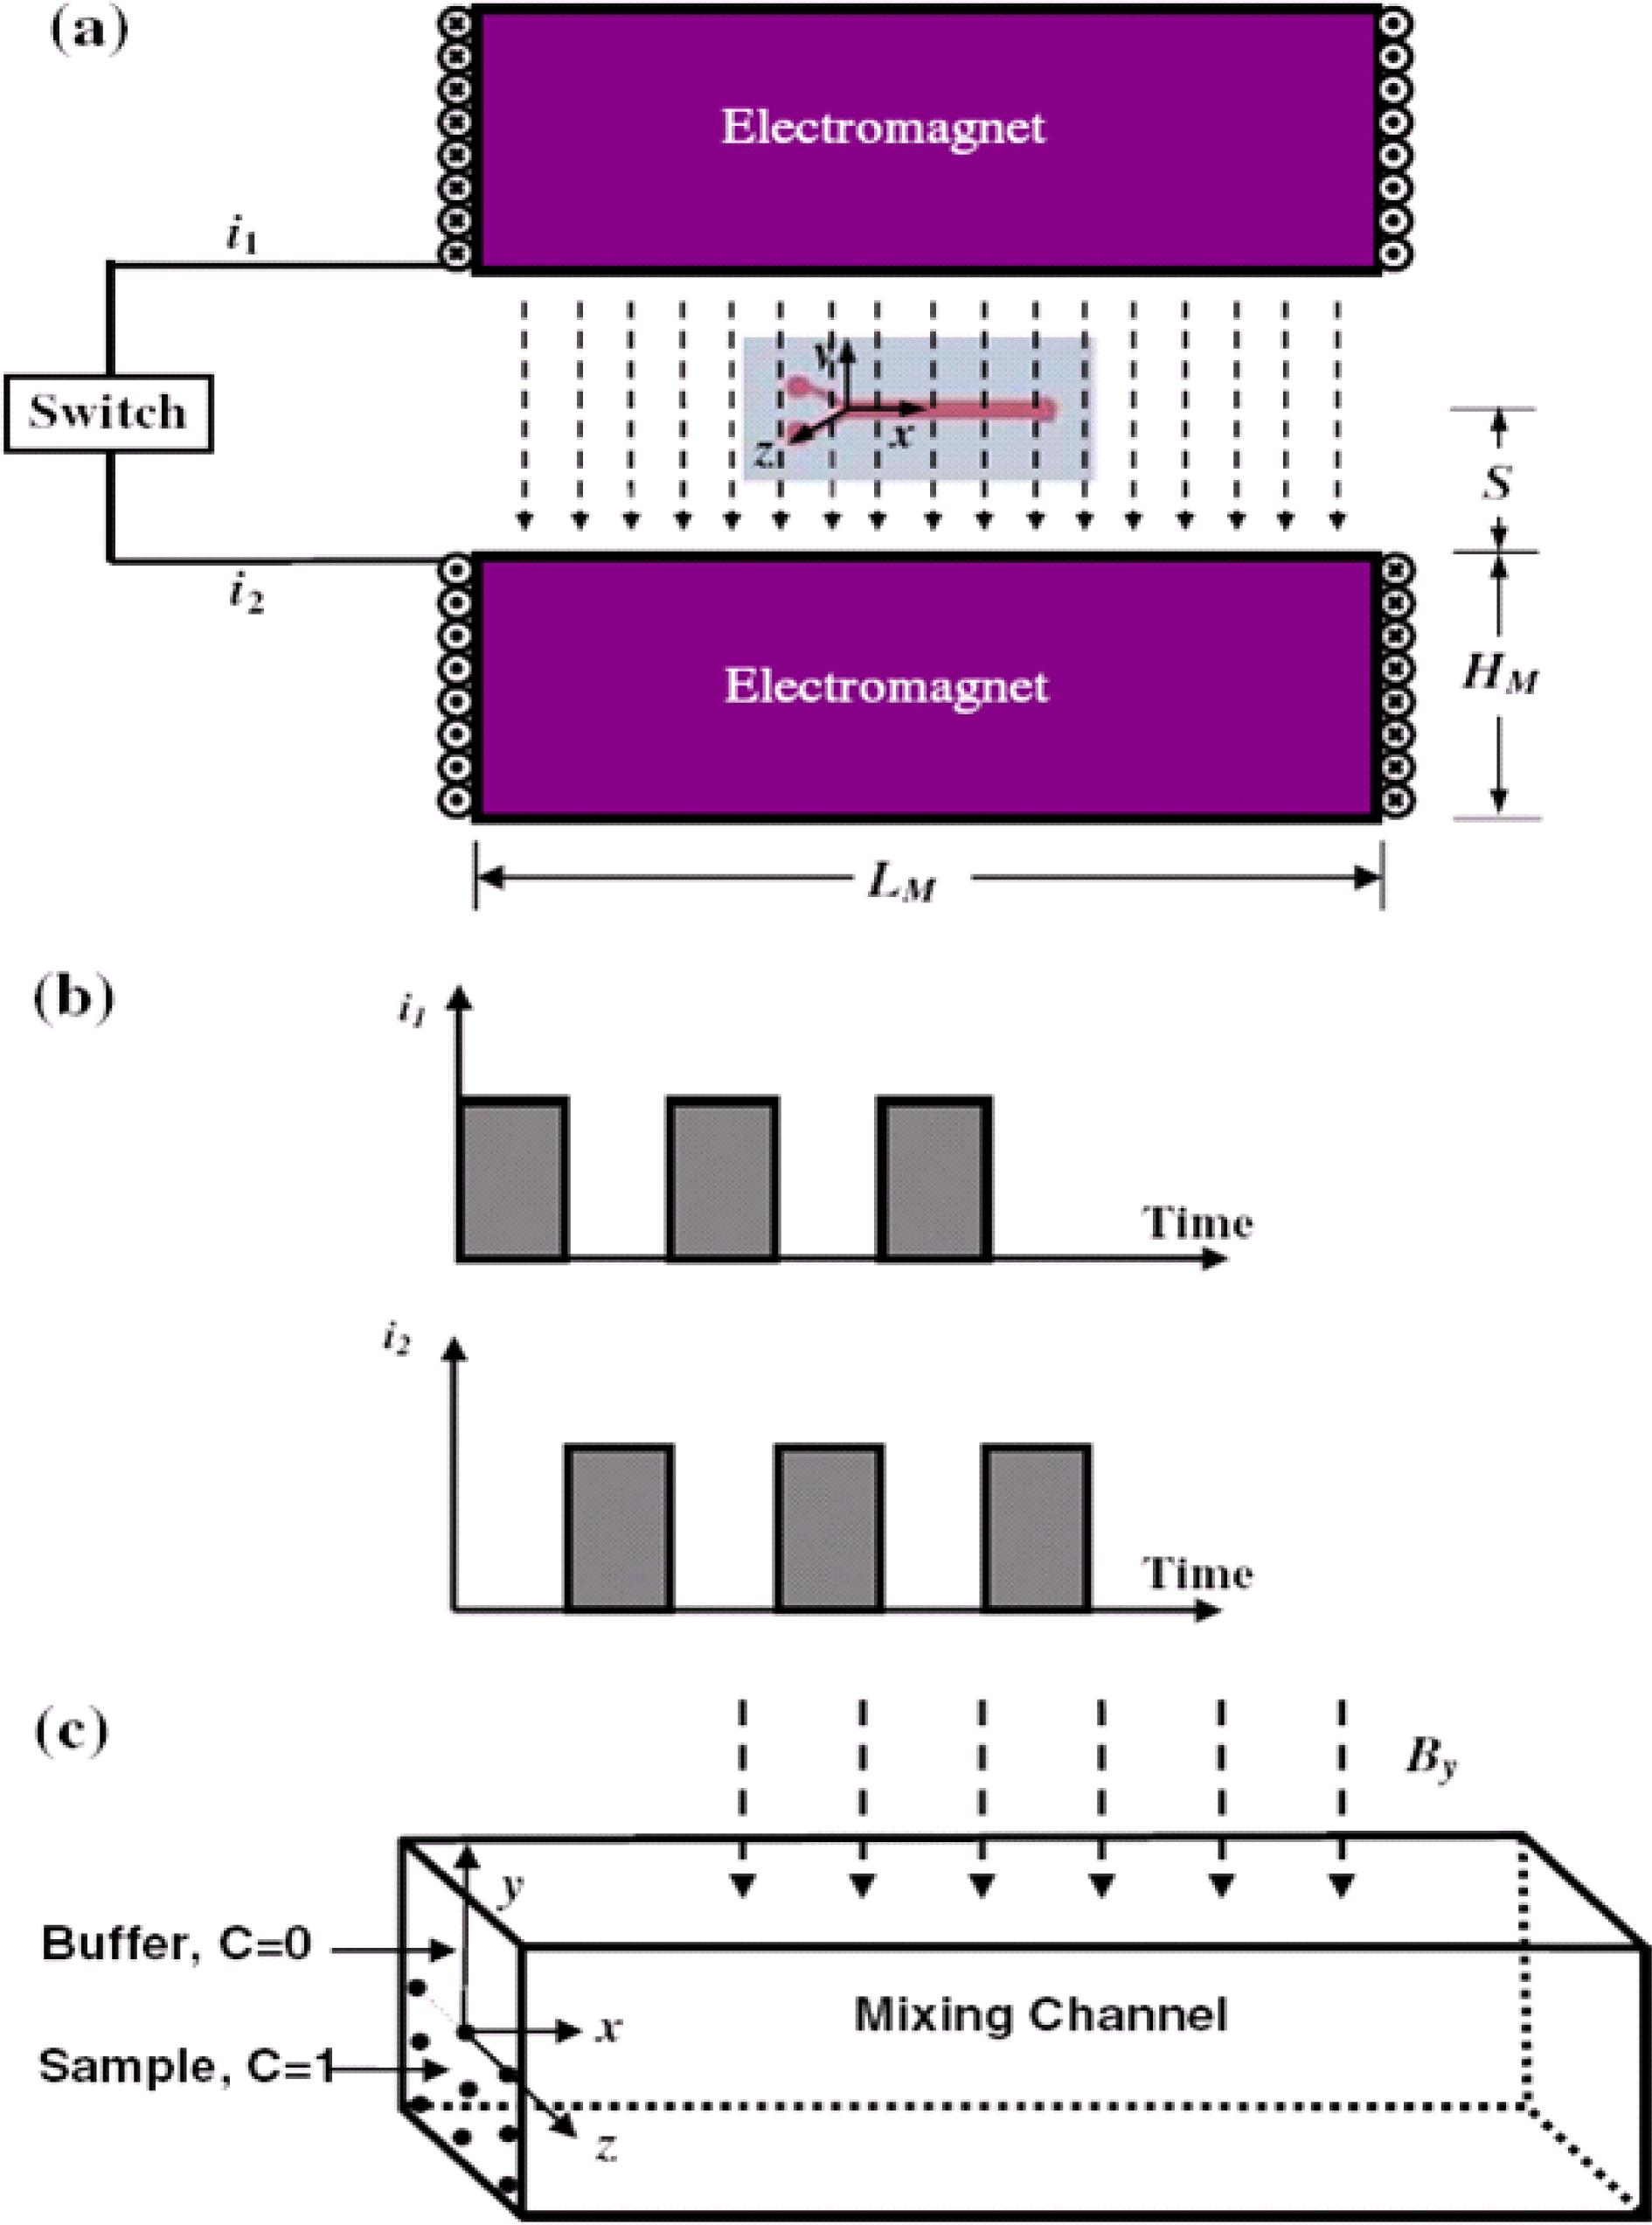 electrical wiring diagram mitsubishi starion mitsubishi